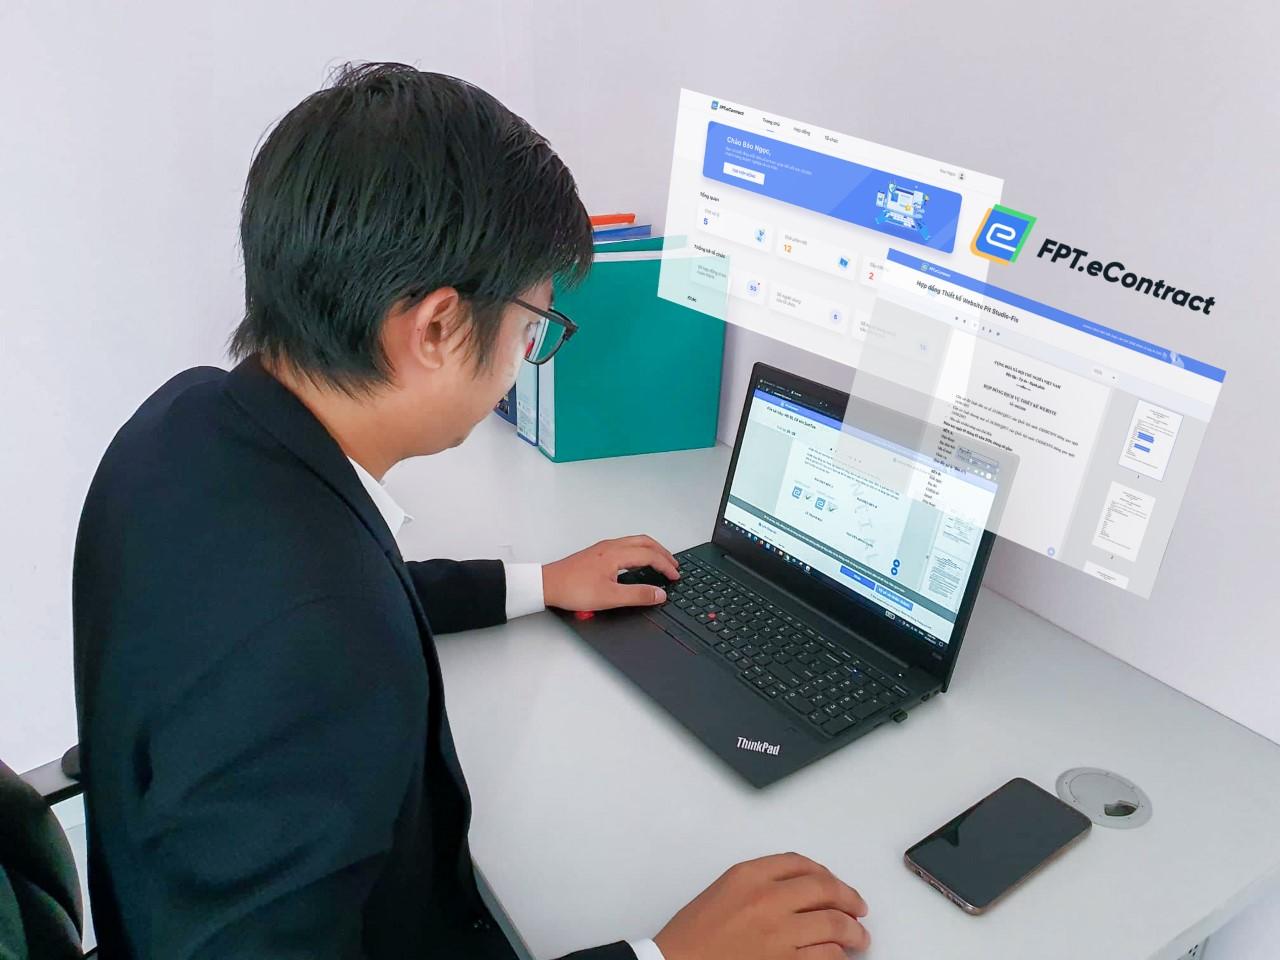 Ông Bùi Ngọc Quý, Giám đốc BNQ Global thực hiện kí kết hợp đồng điện tử, rút ngắn thời gian xử lý từ 3 ngày xuống còn dưới 10 phút